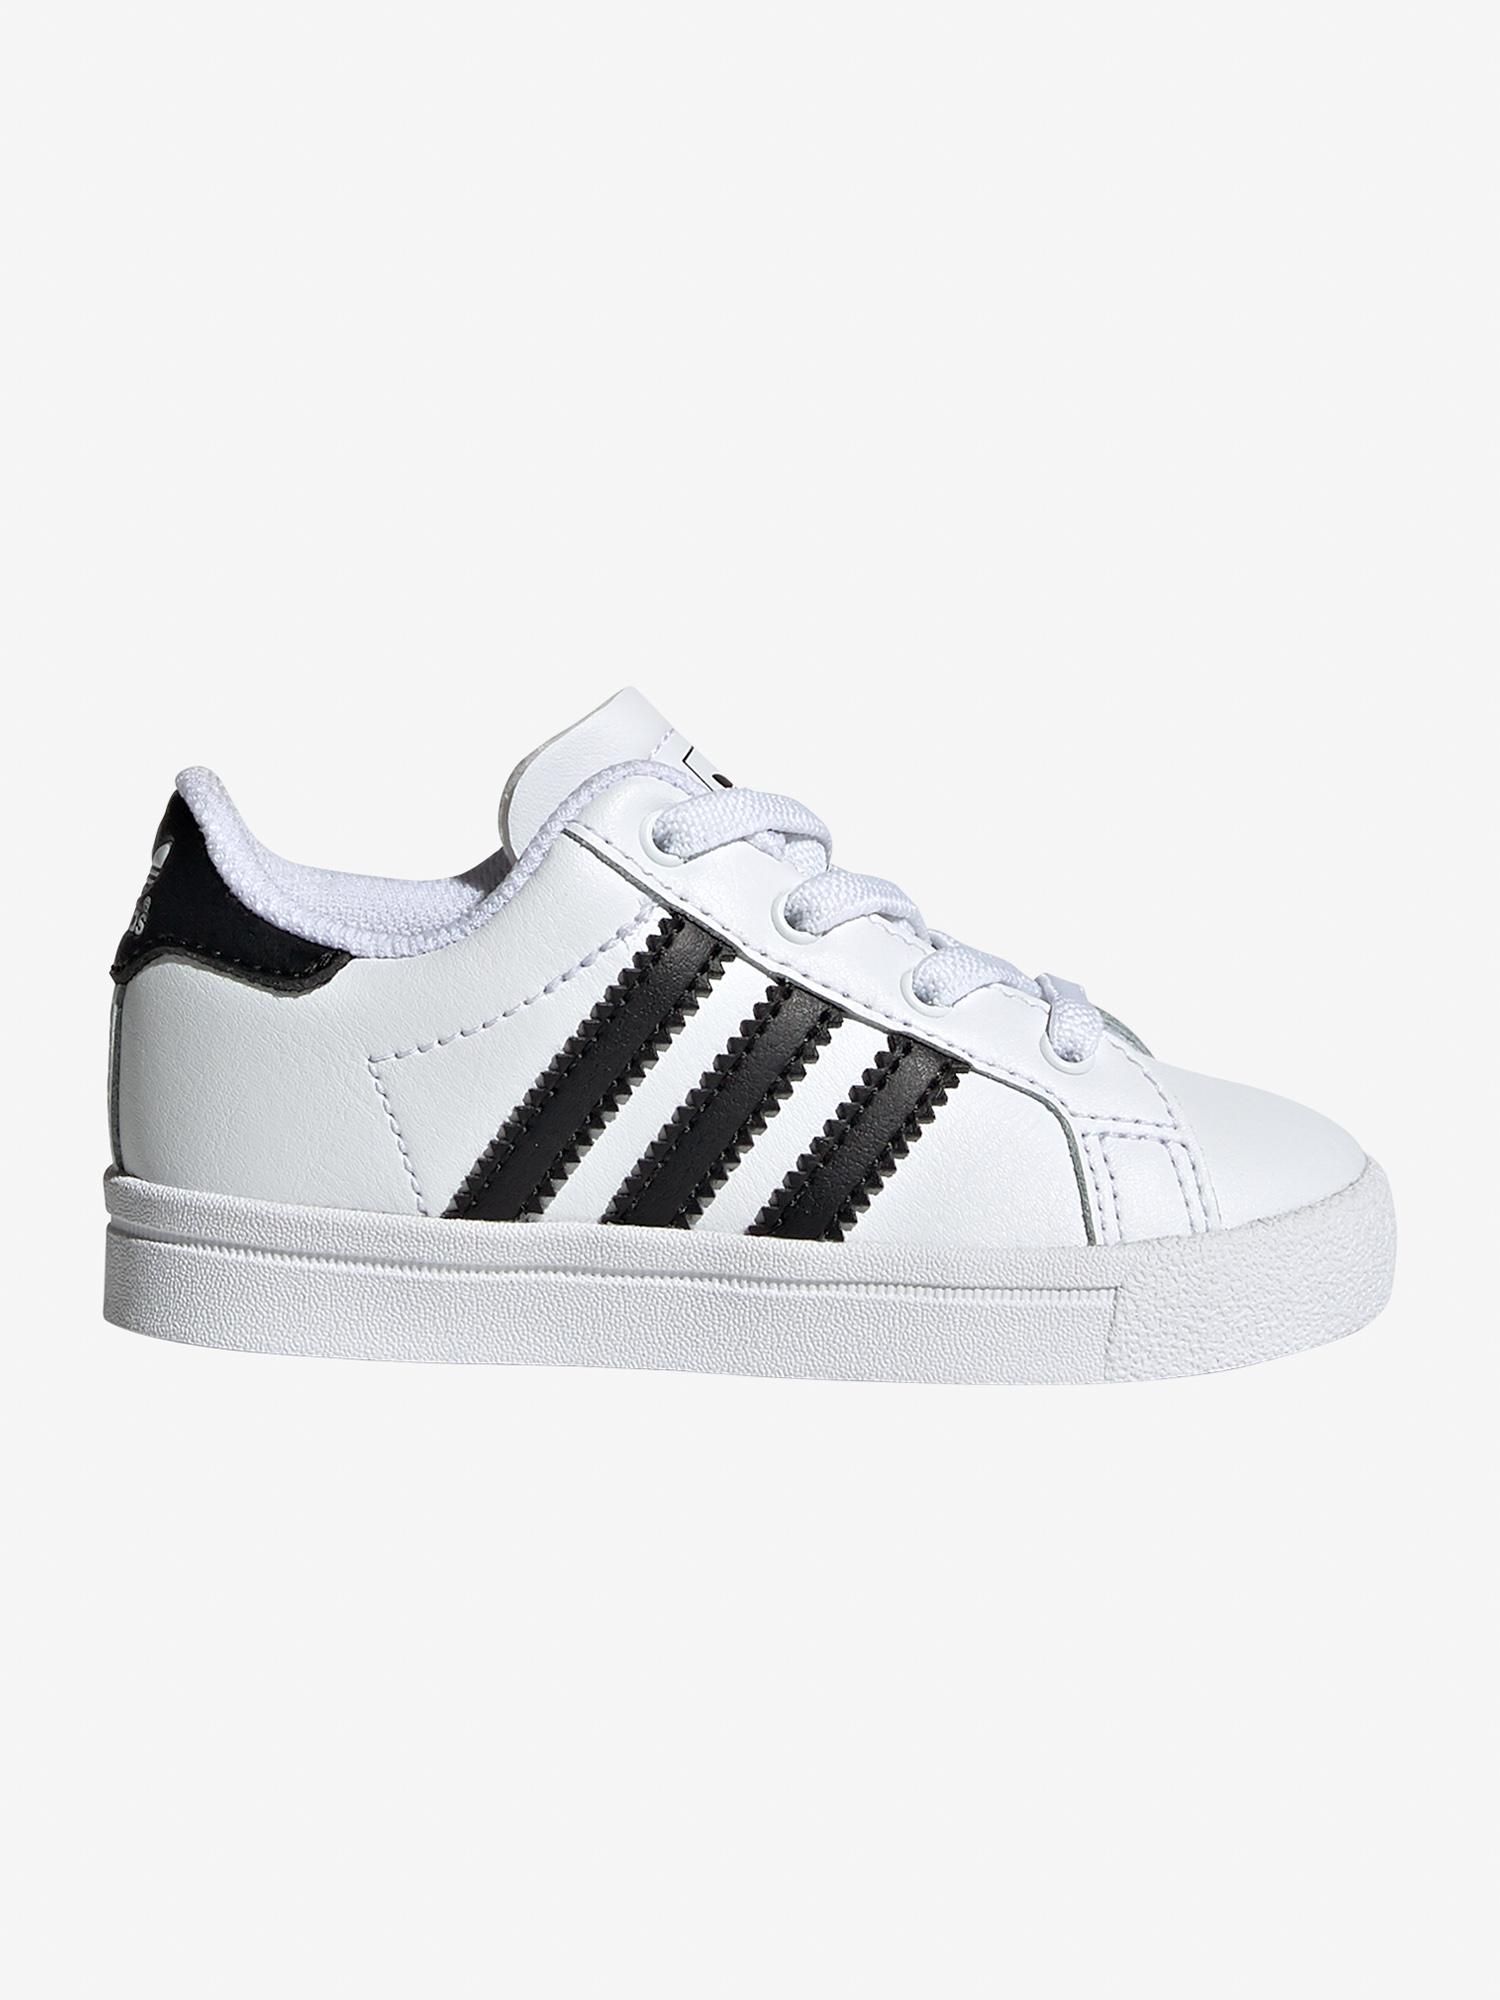 Adidas Originals Coast Star El I Shoes